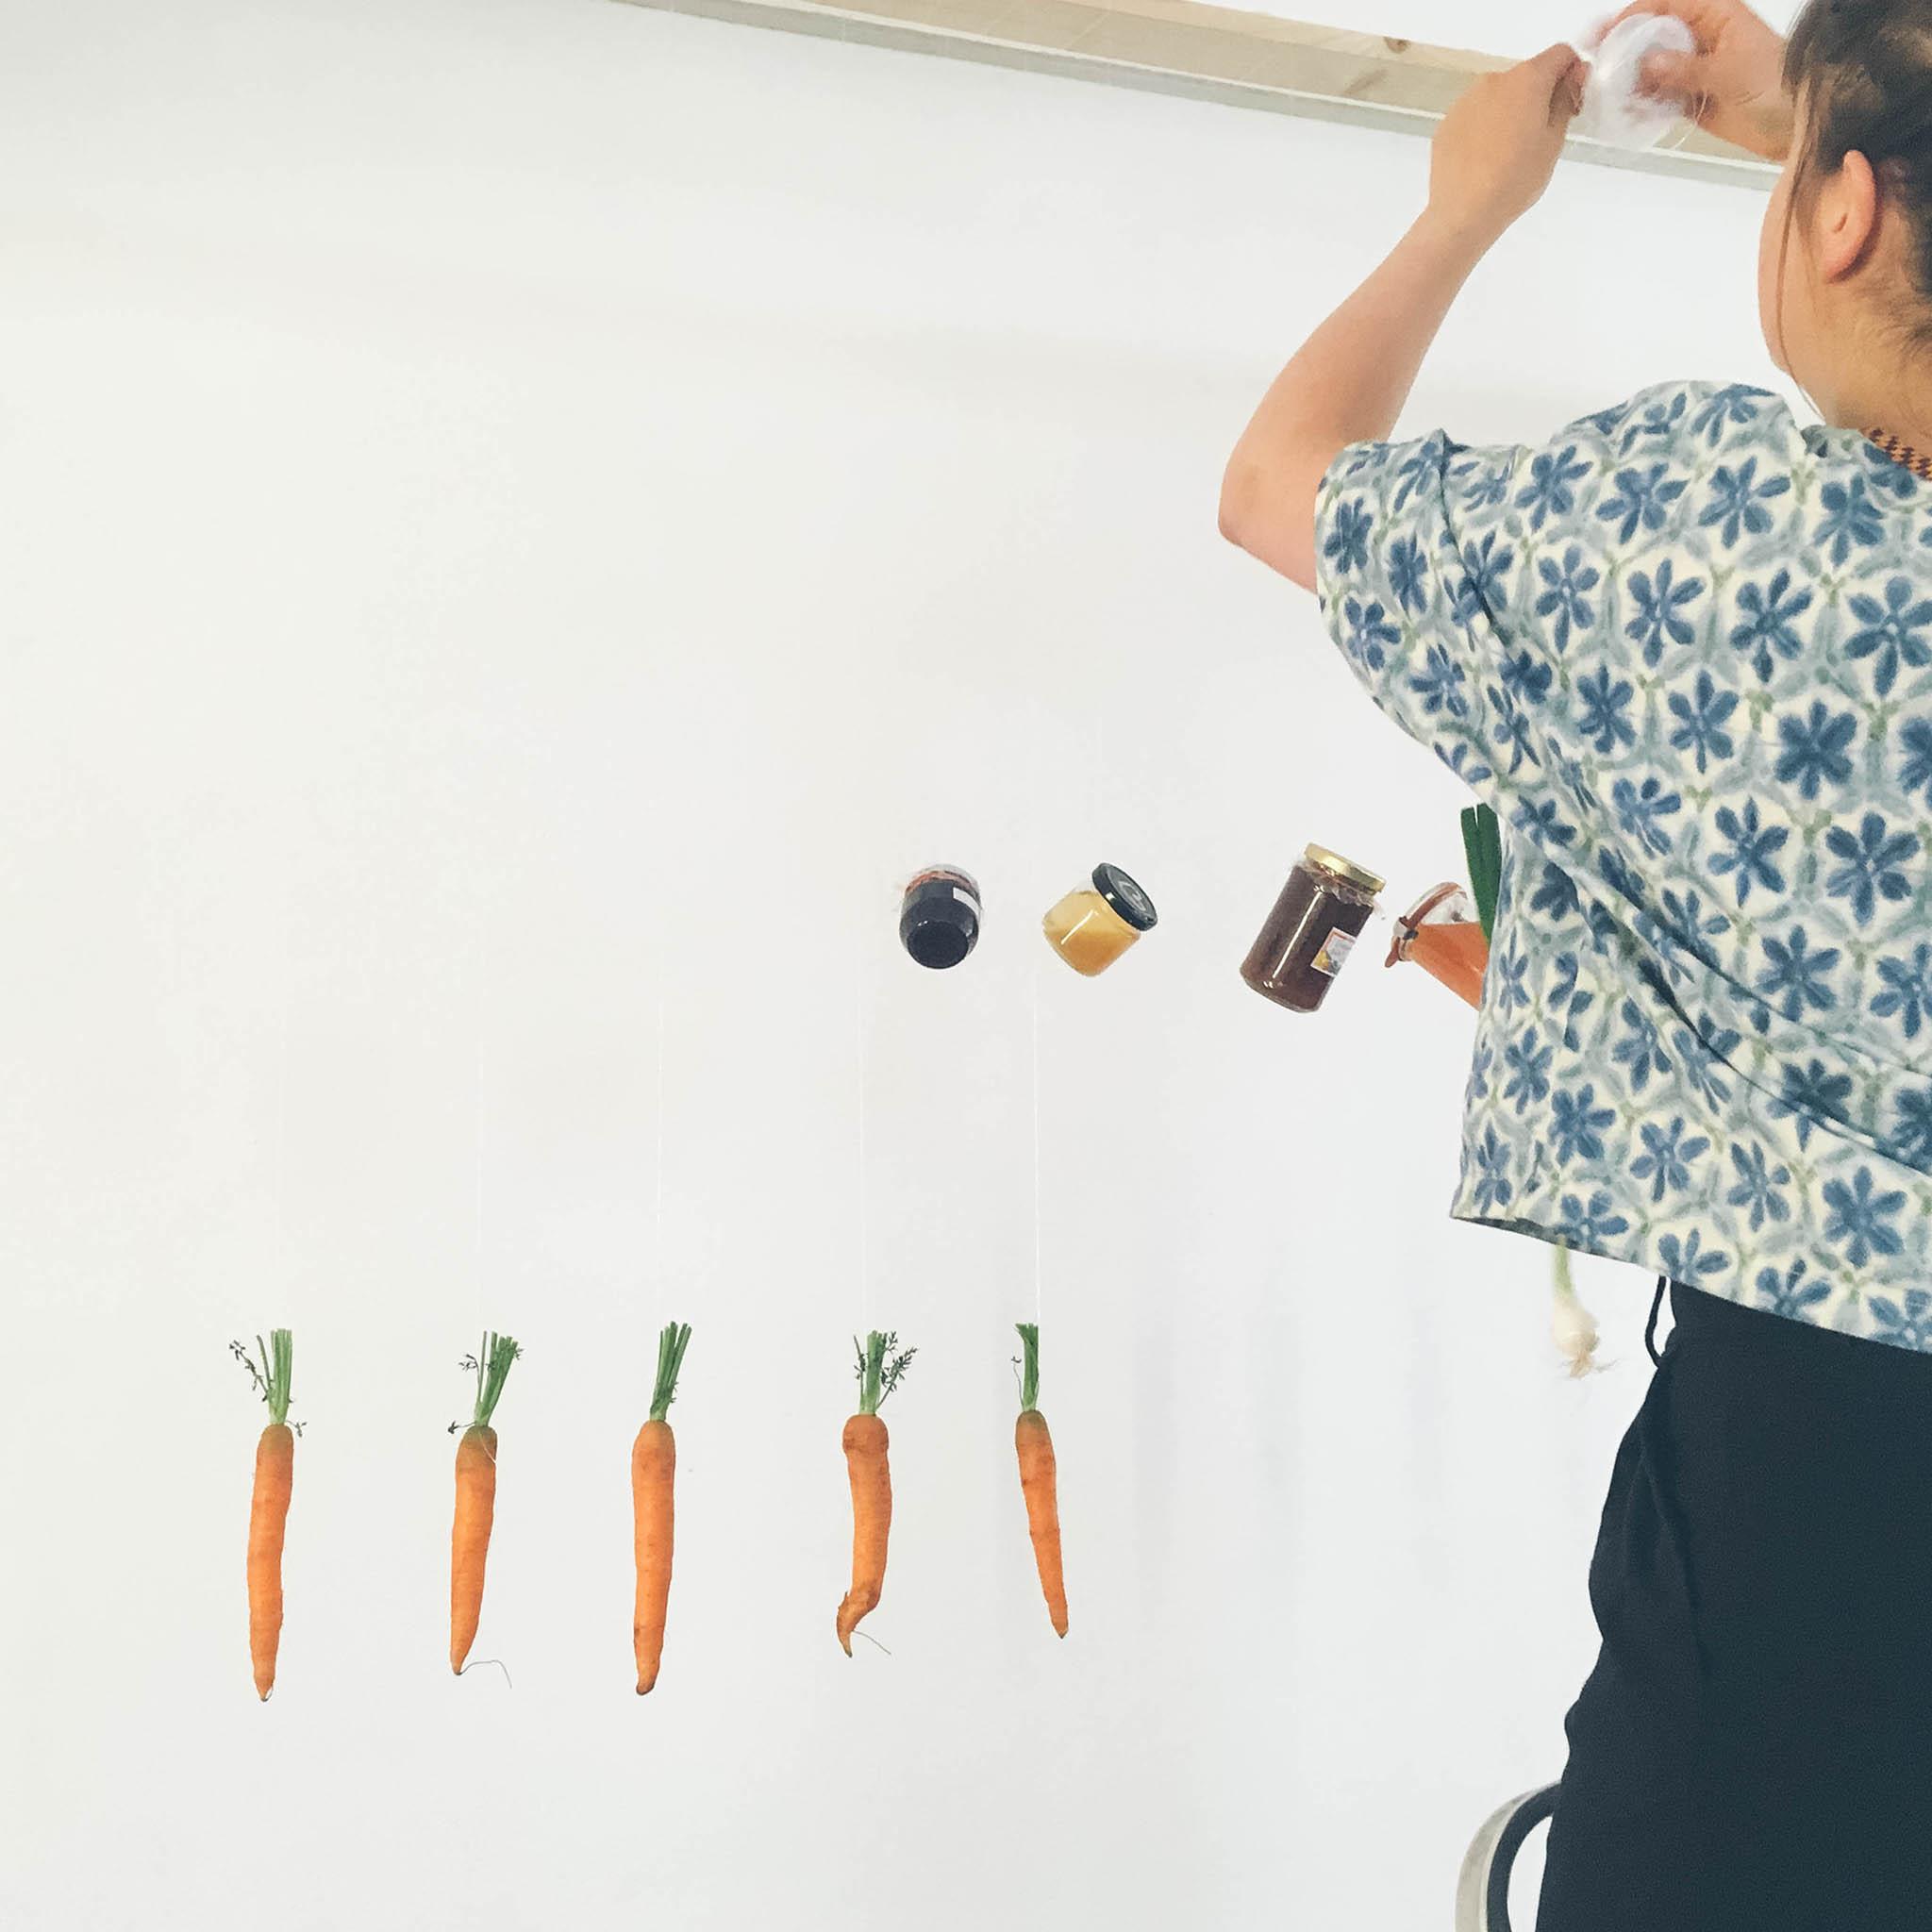 Karotten, Marmeladen & Leiter_IV